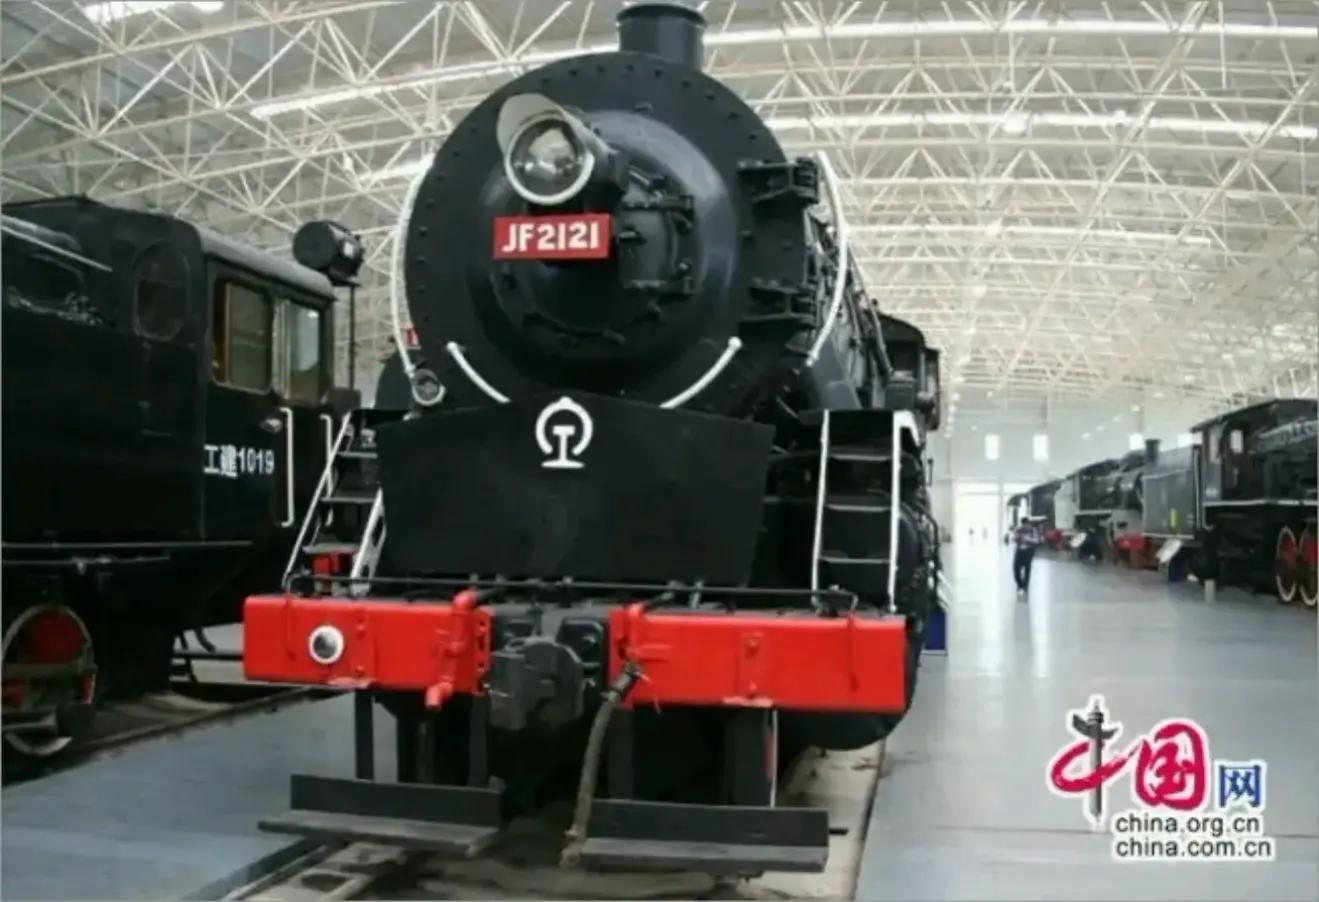 解放型4101号蒸汽机车   1959年ㄇㄎ型机车改称为解放型,现用代号jf.图片